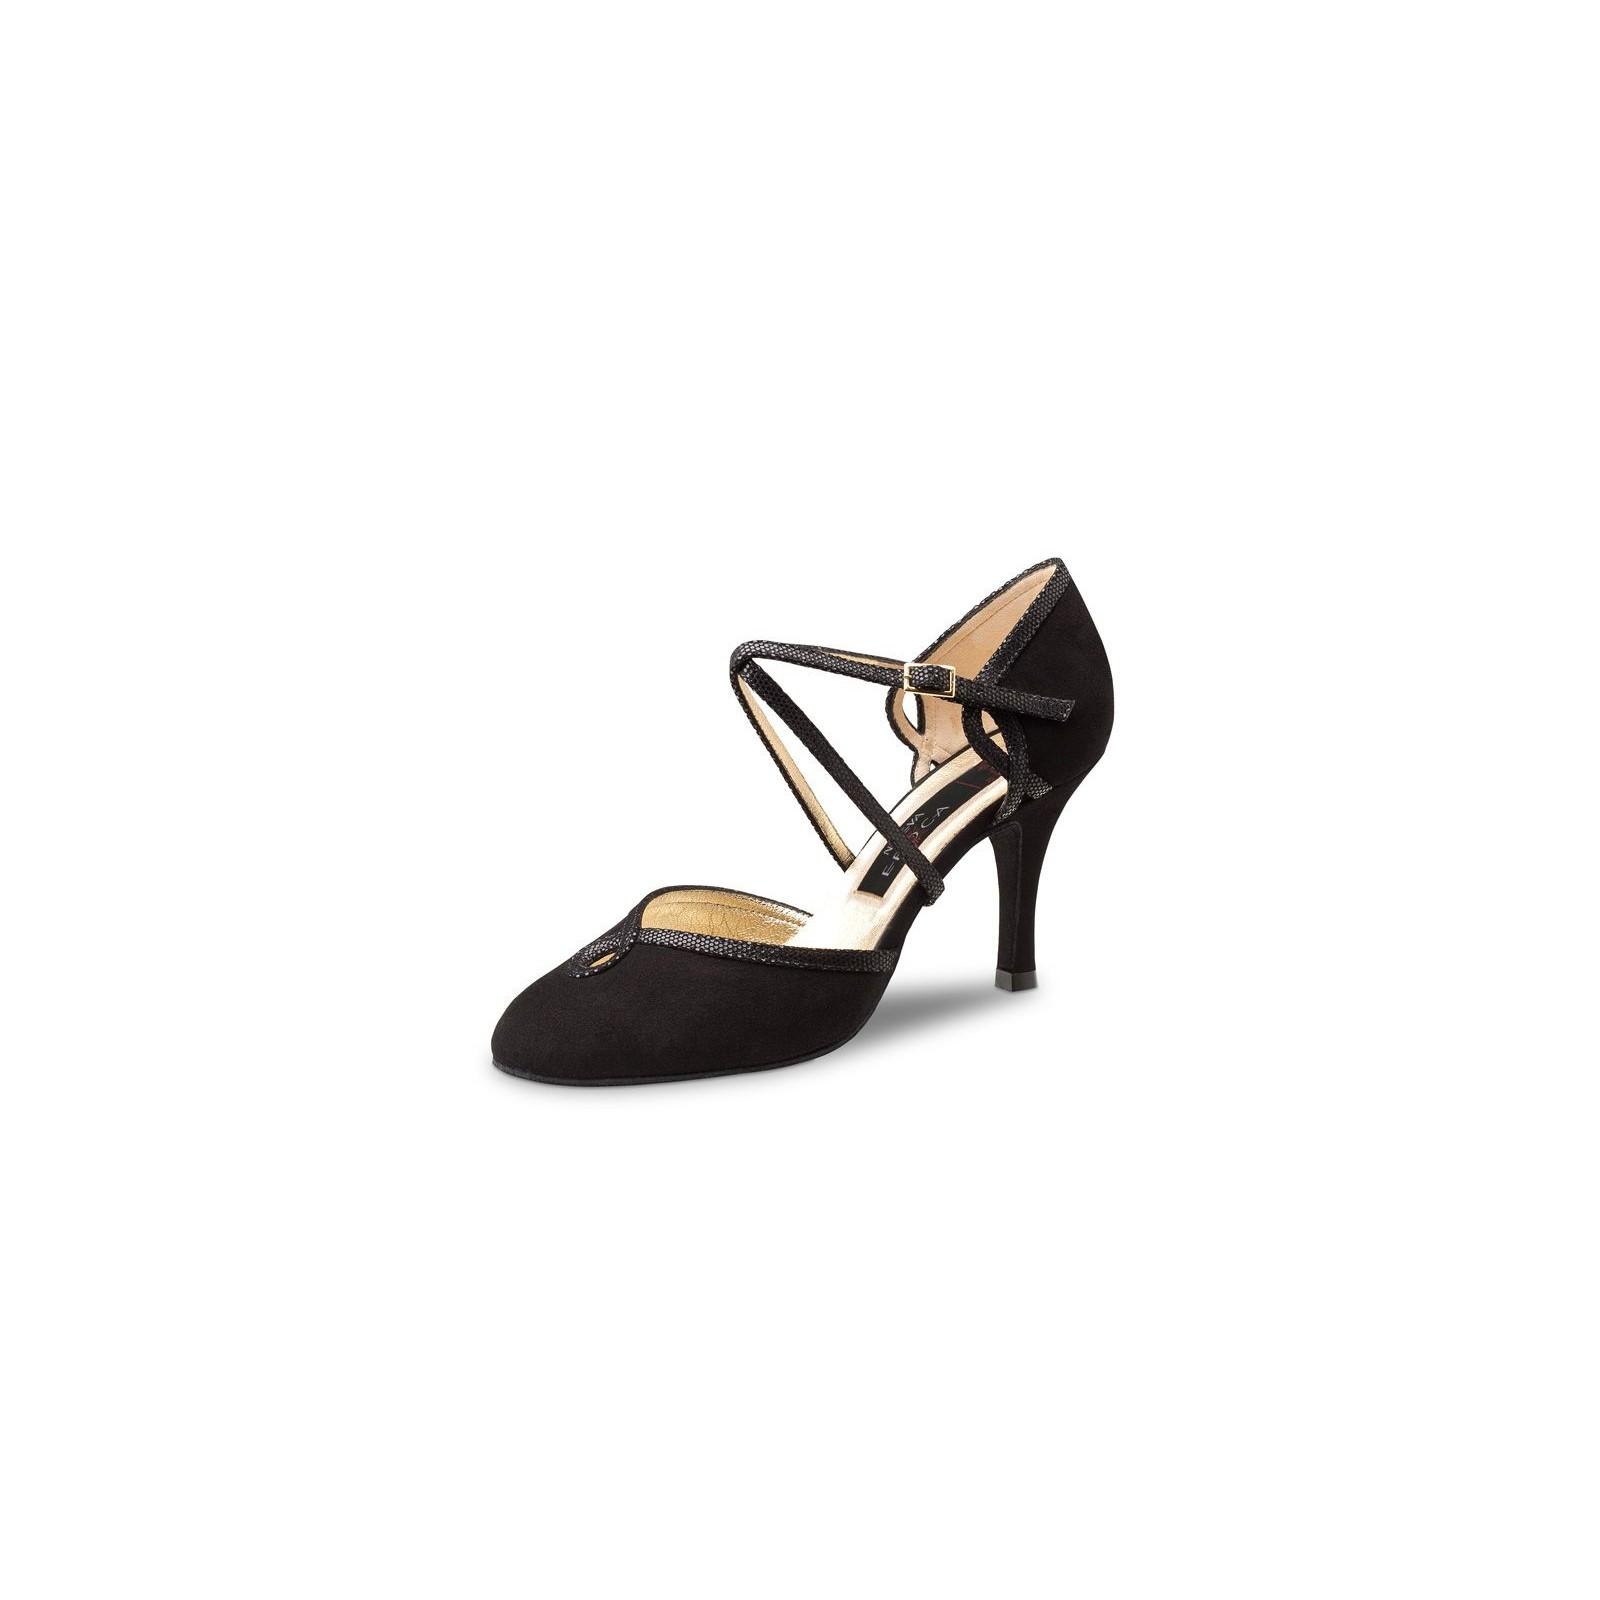 danse de epoca nueva chaussure label w5qPn6